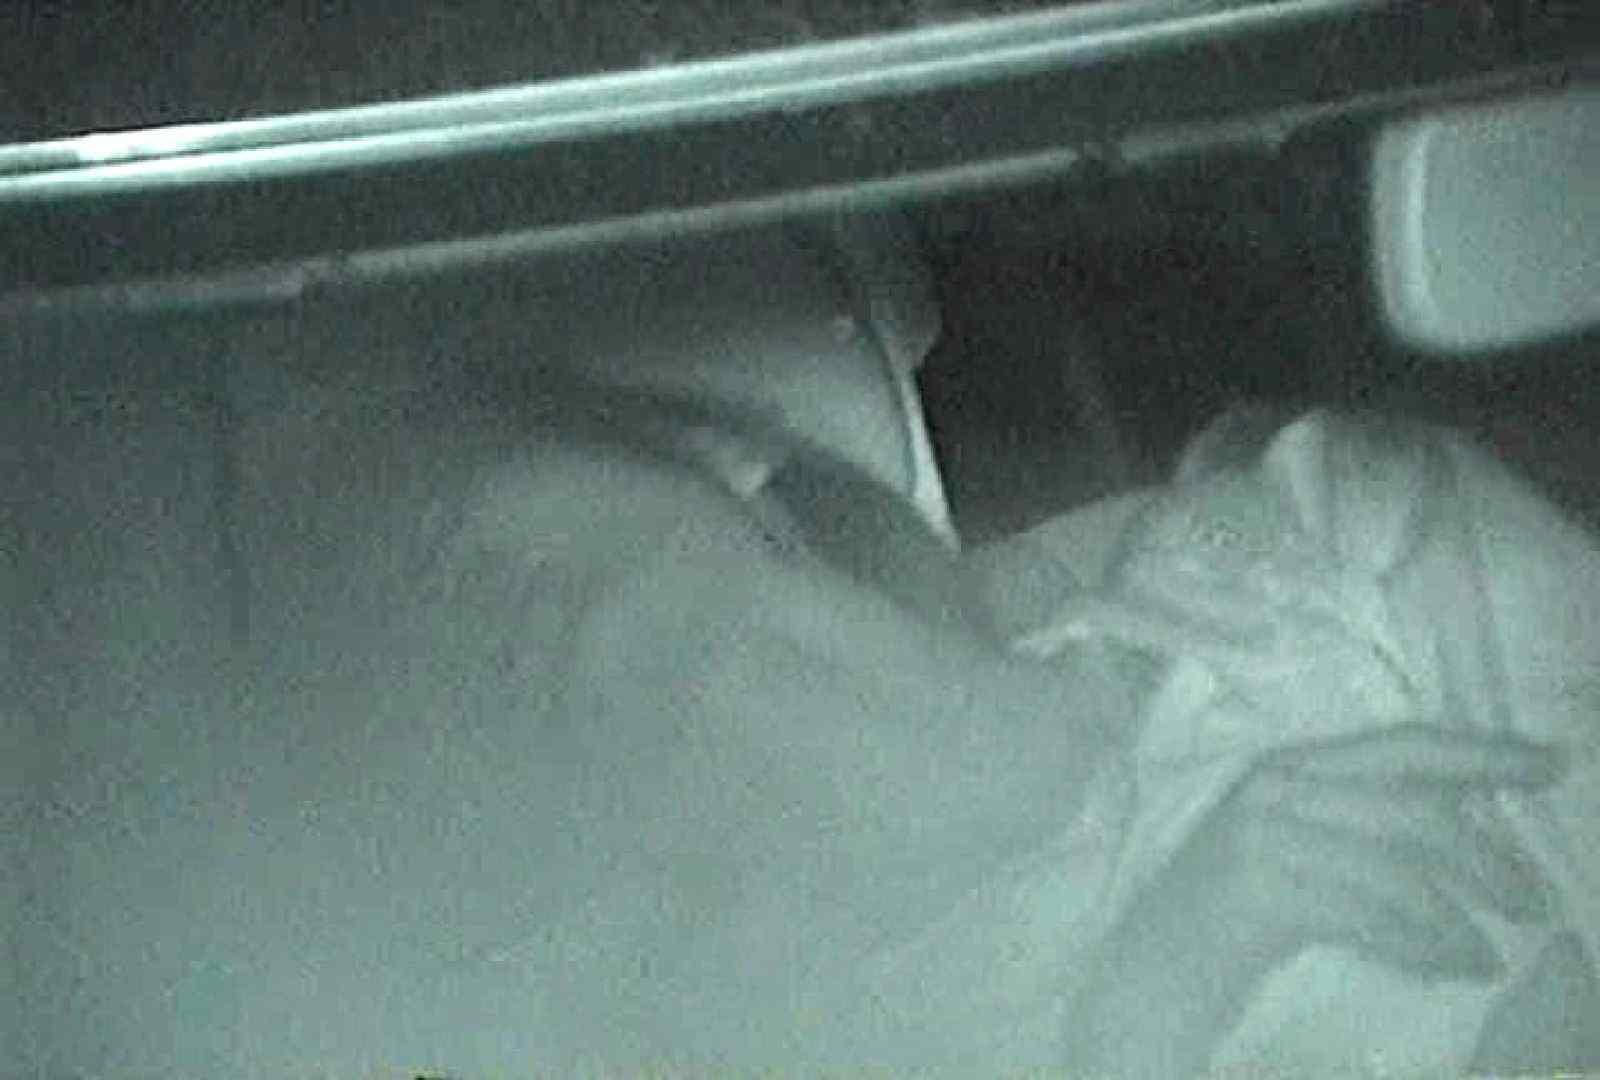 充血監督の深夜の運動会Vol.54 フェラチオシーン 盗撮動画紹介 83pic 59